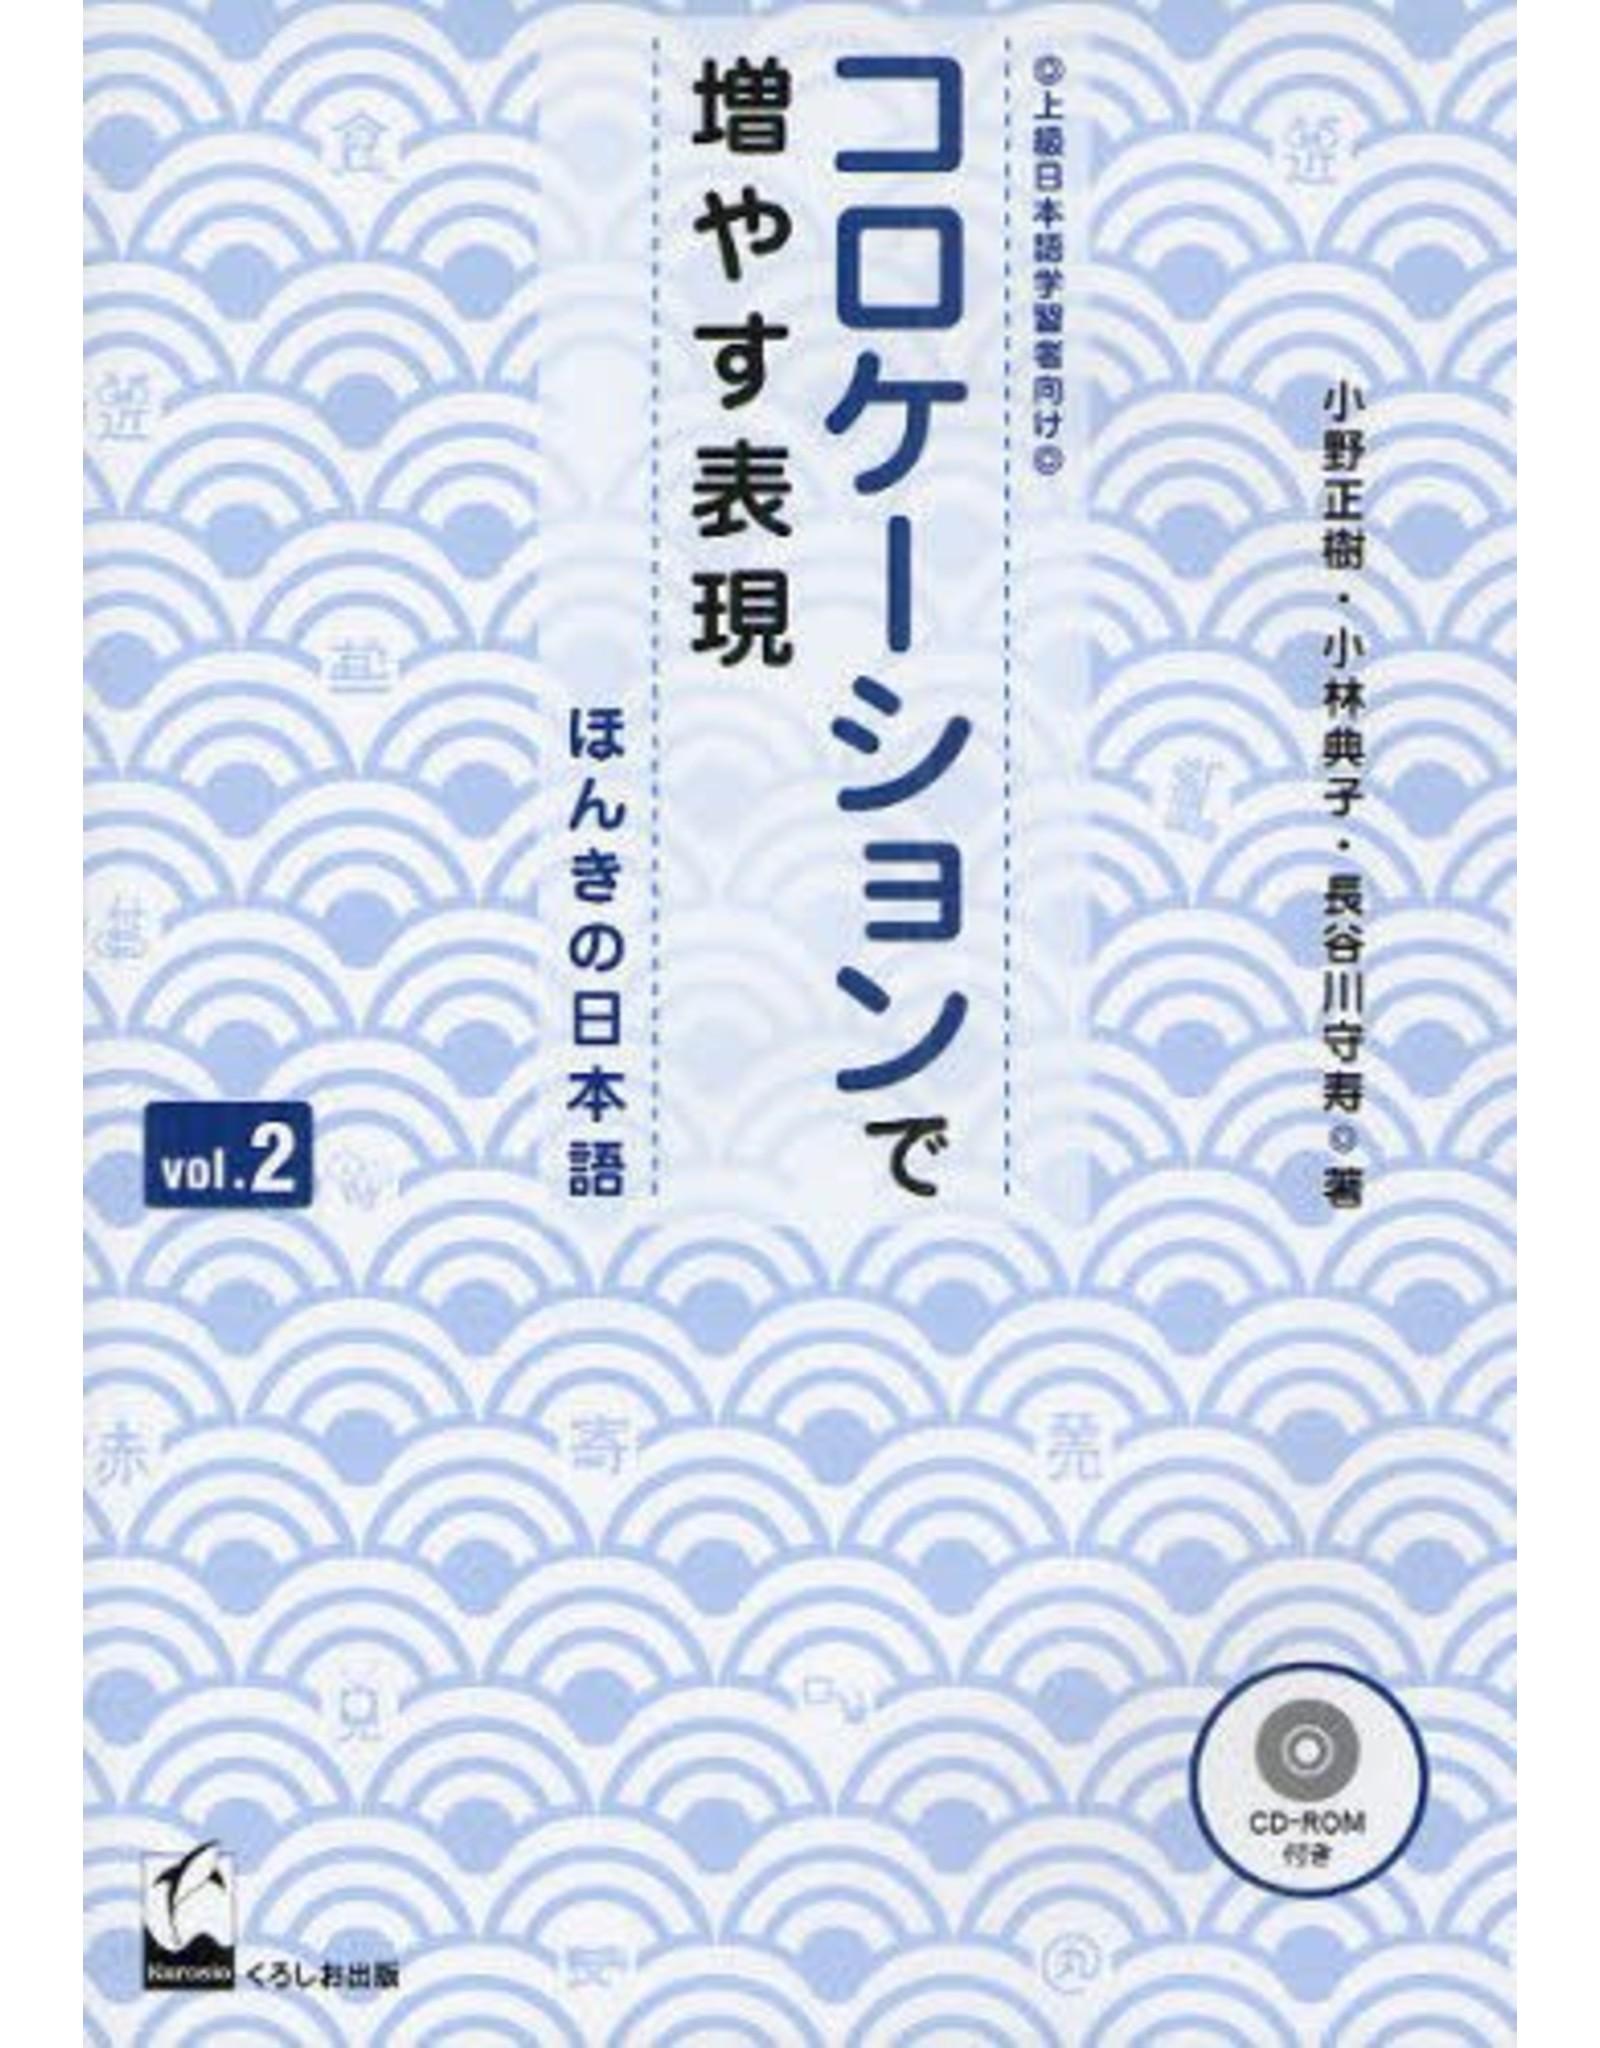 KUROSHIO COLLECTION DE FUYASU HYOUGEN VOL.2